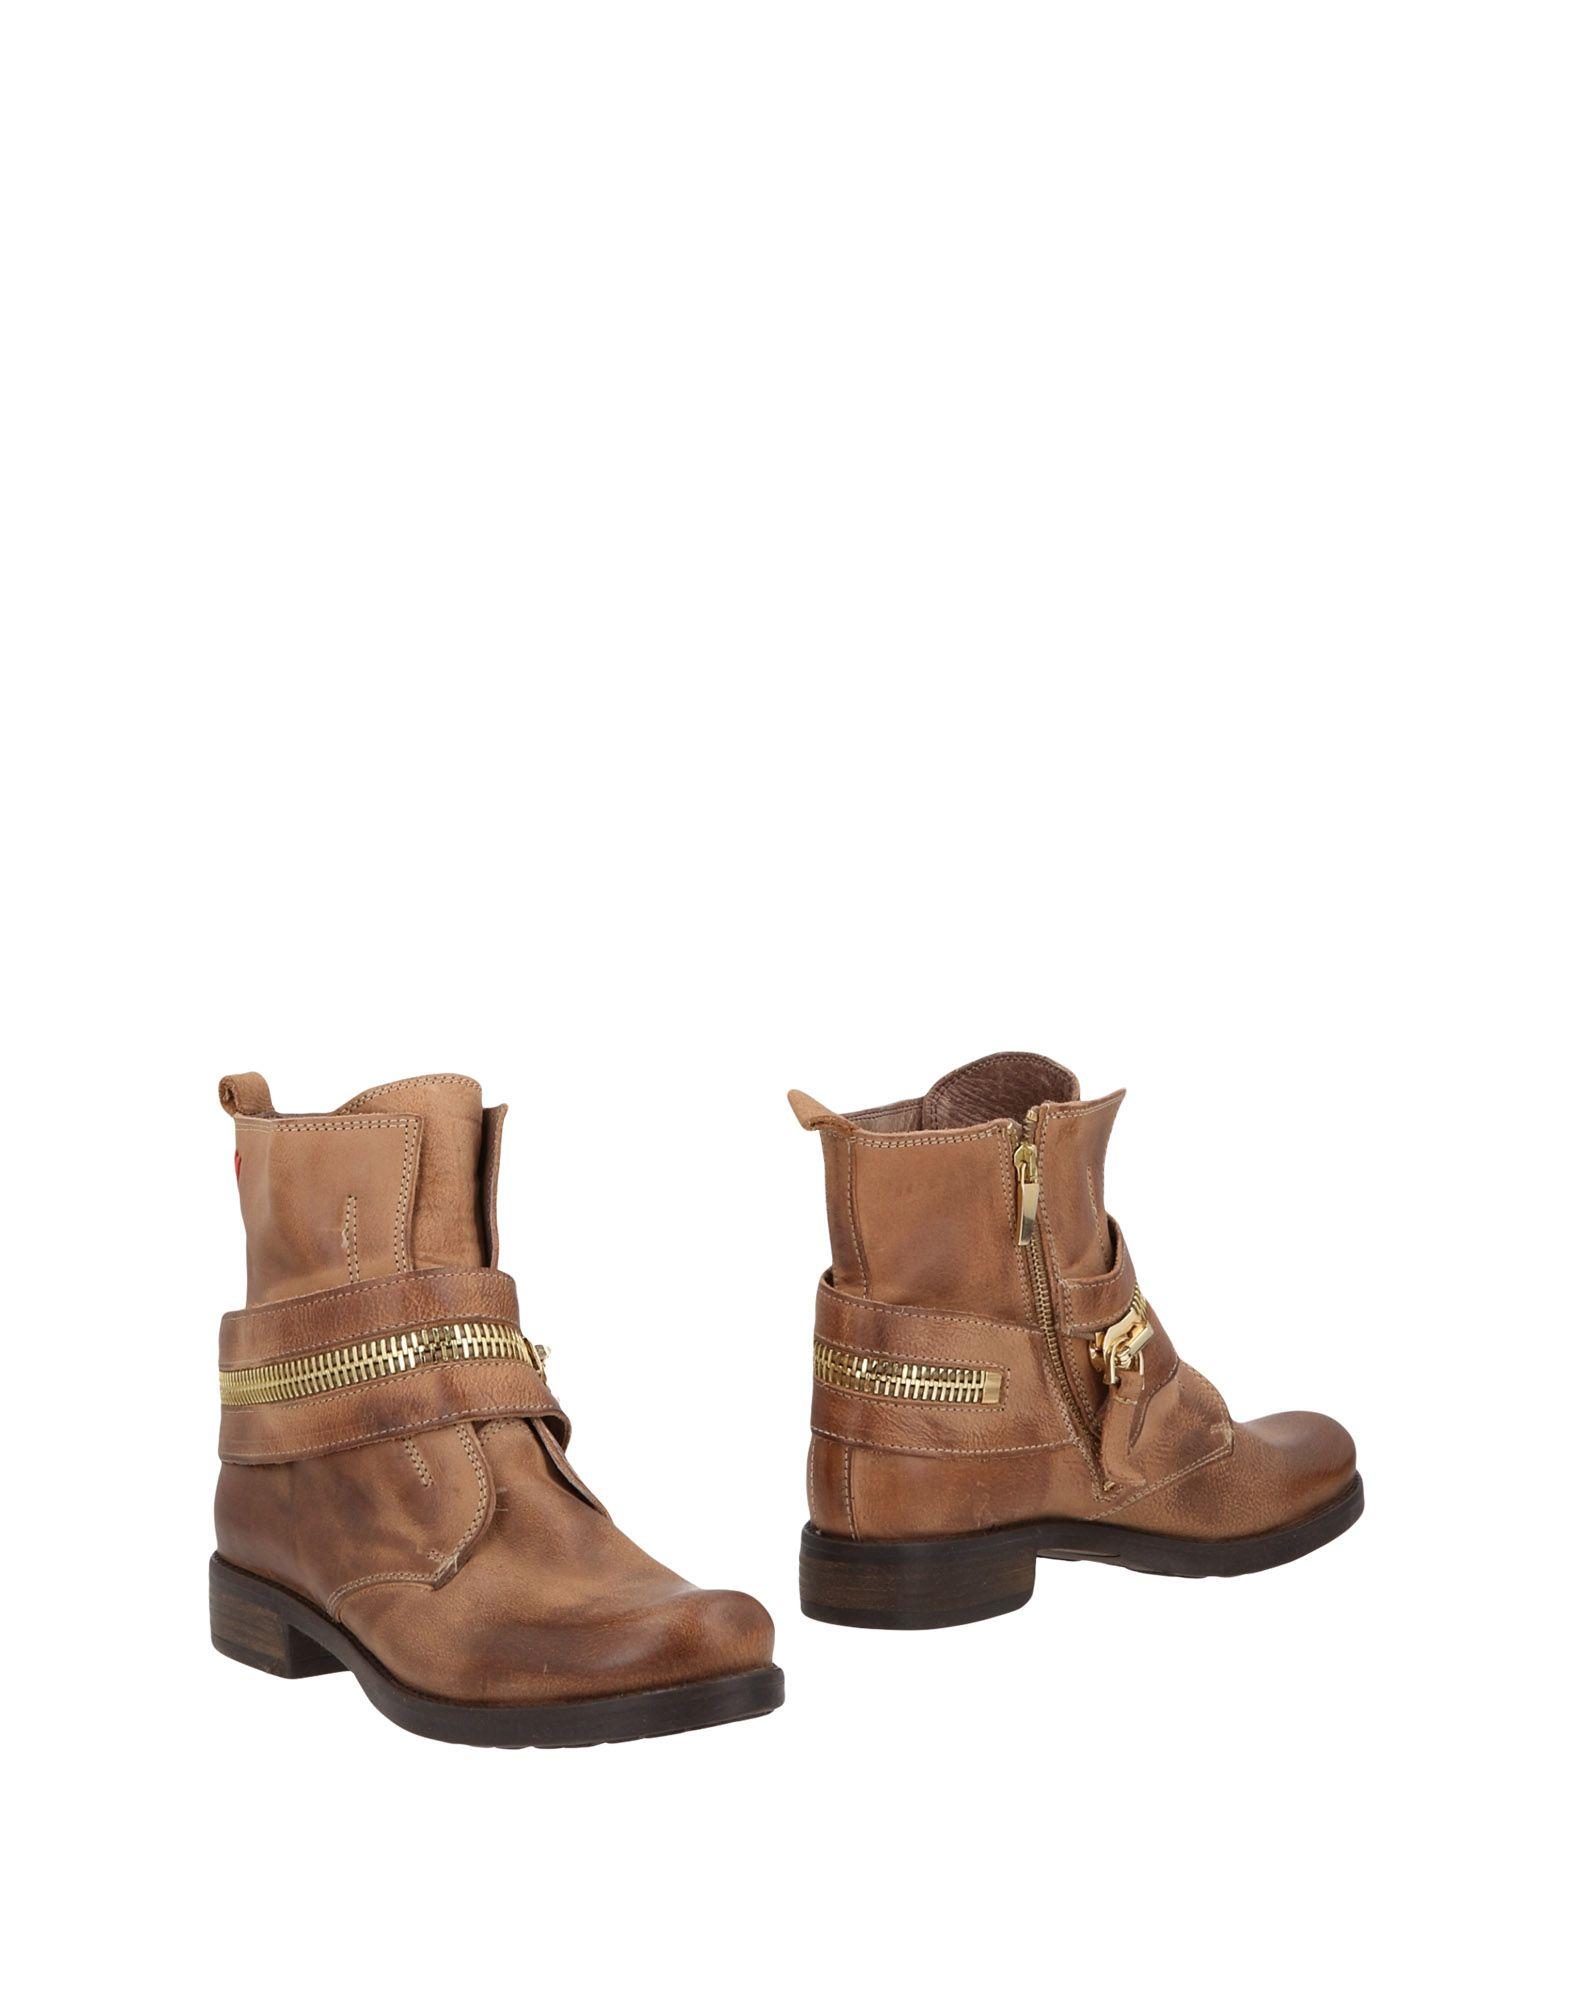 Manila Grace Denim Damen Stiefelette Damen Denim  11024197HU Neue Schuhe 692ca5